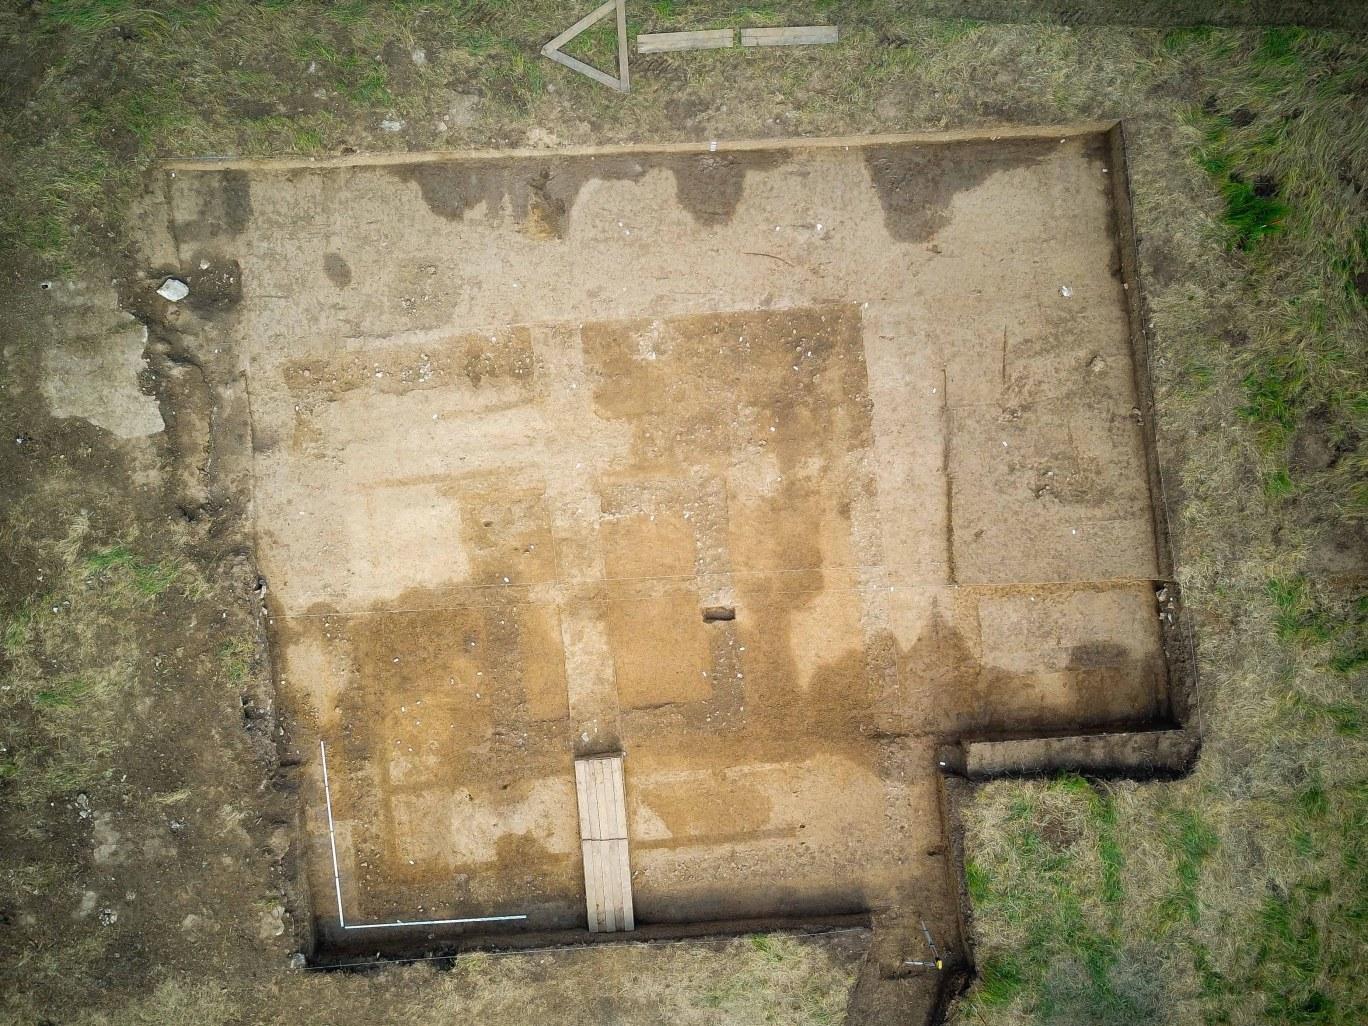 lidar-topographie-imagerie-aerienne-plan-aerien-archeologie